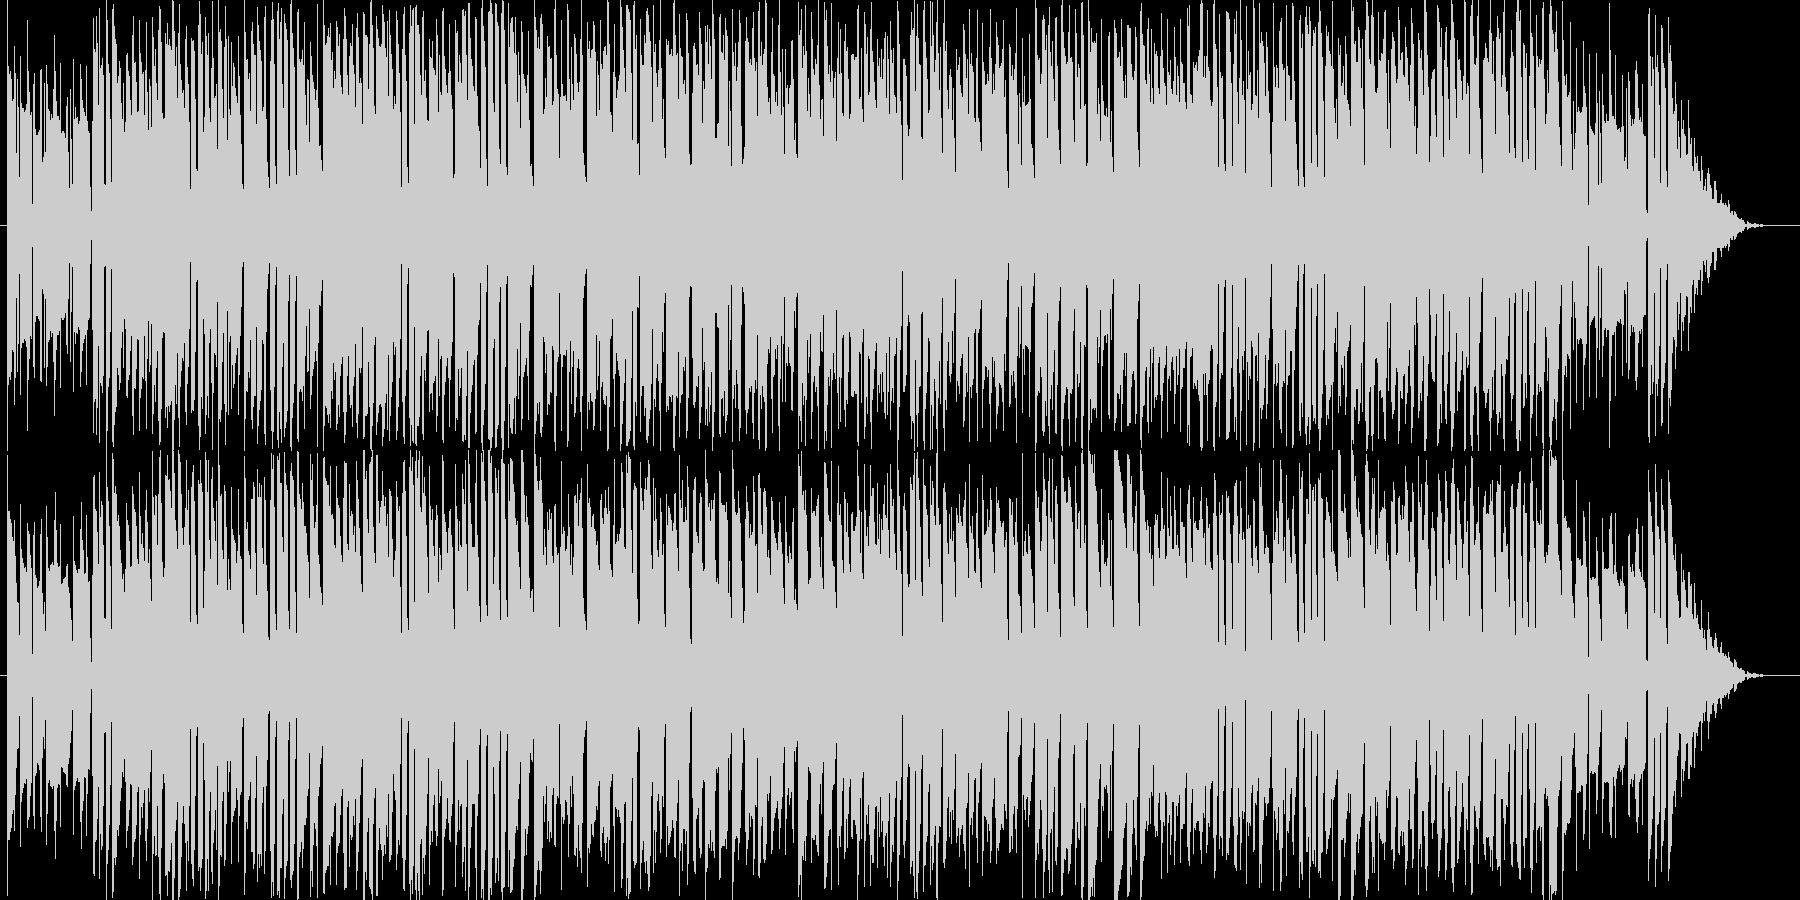 テーマパークのバックで流れてそうな楽曲…の未再生の波形